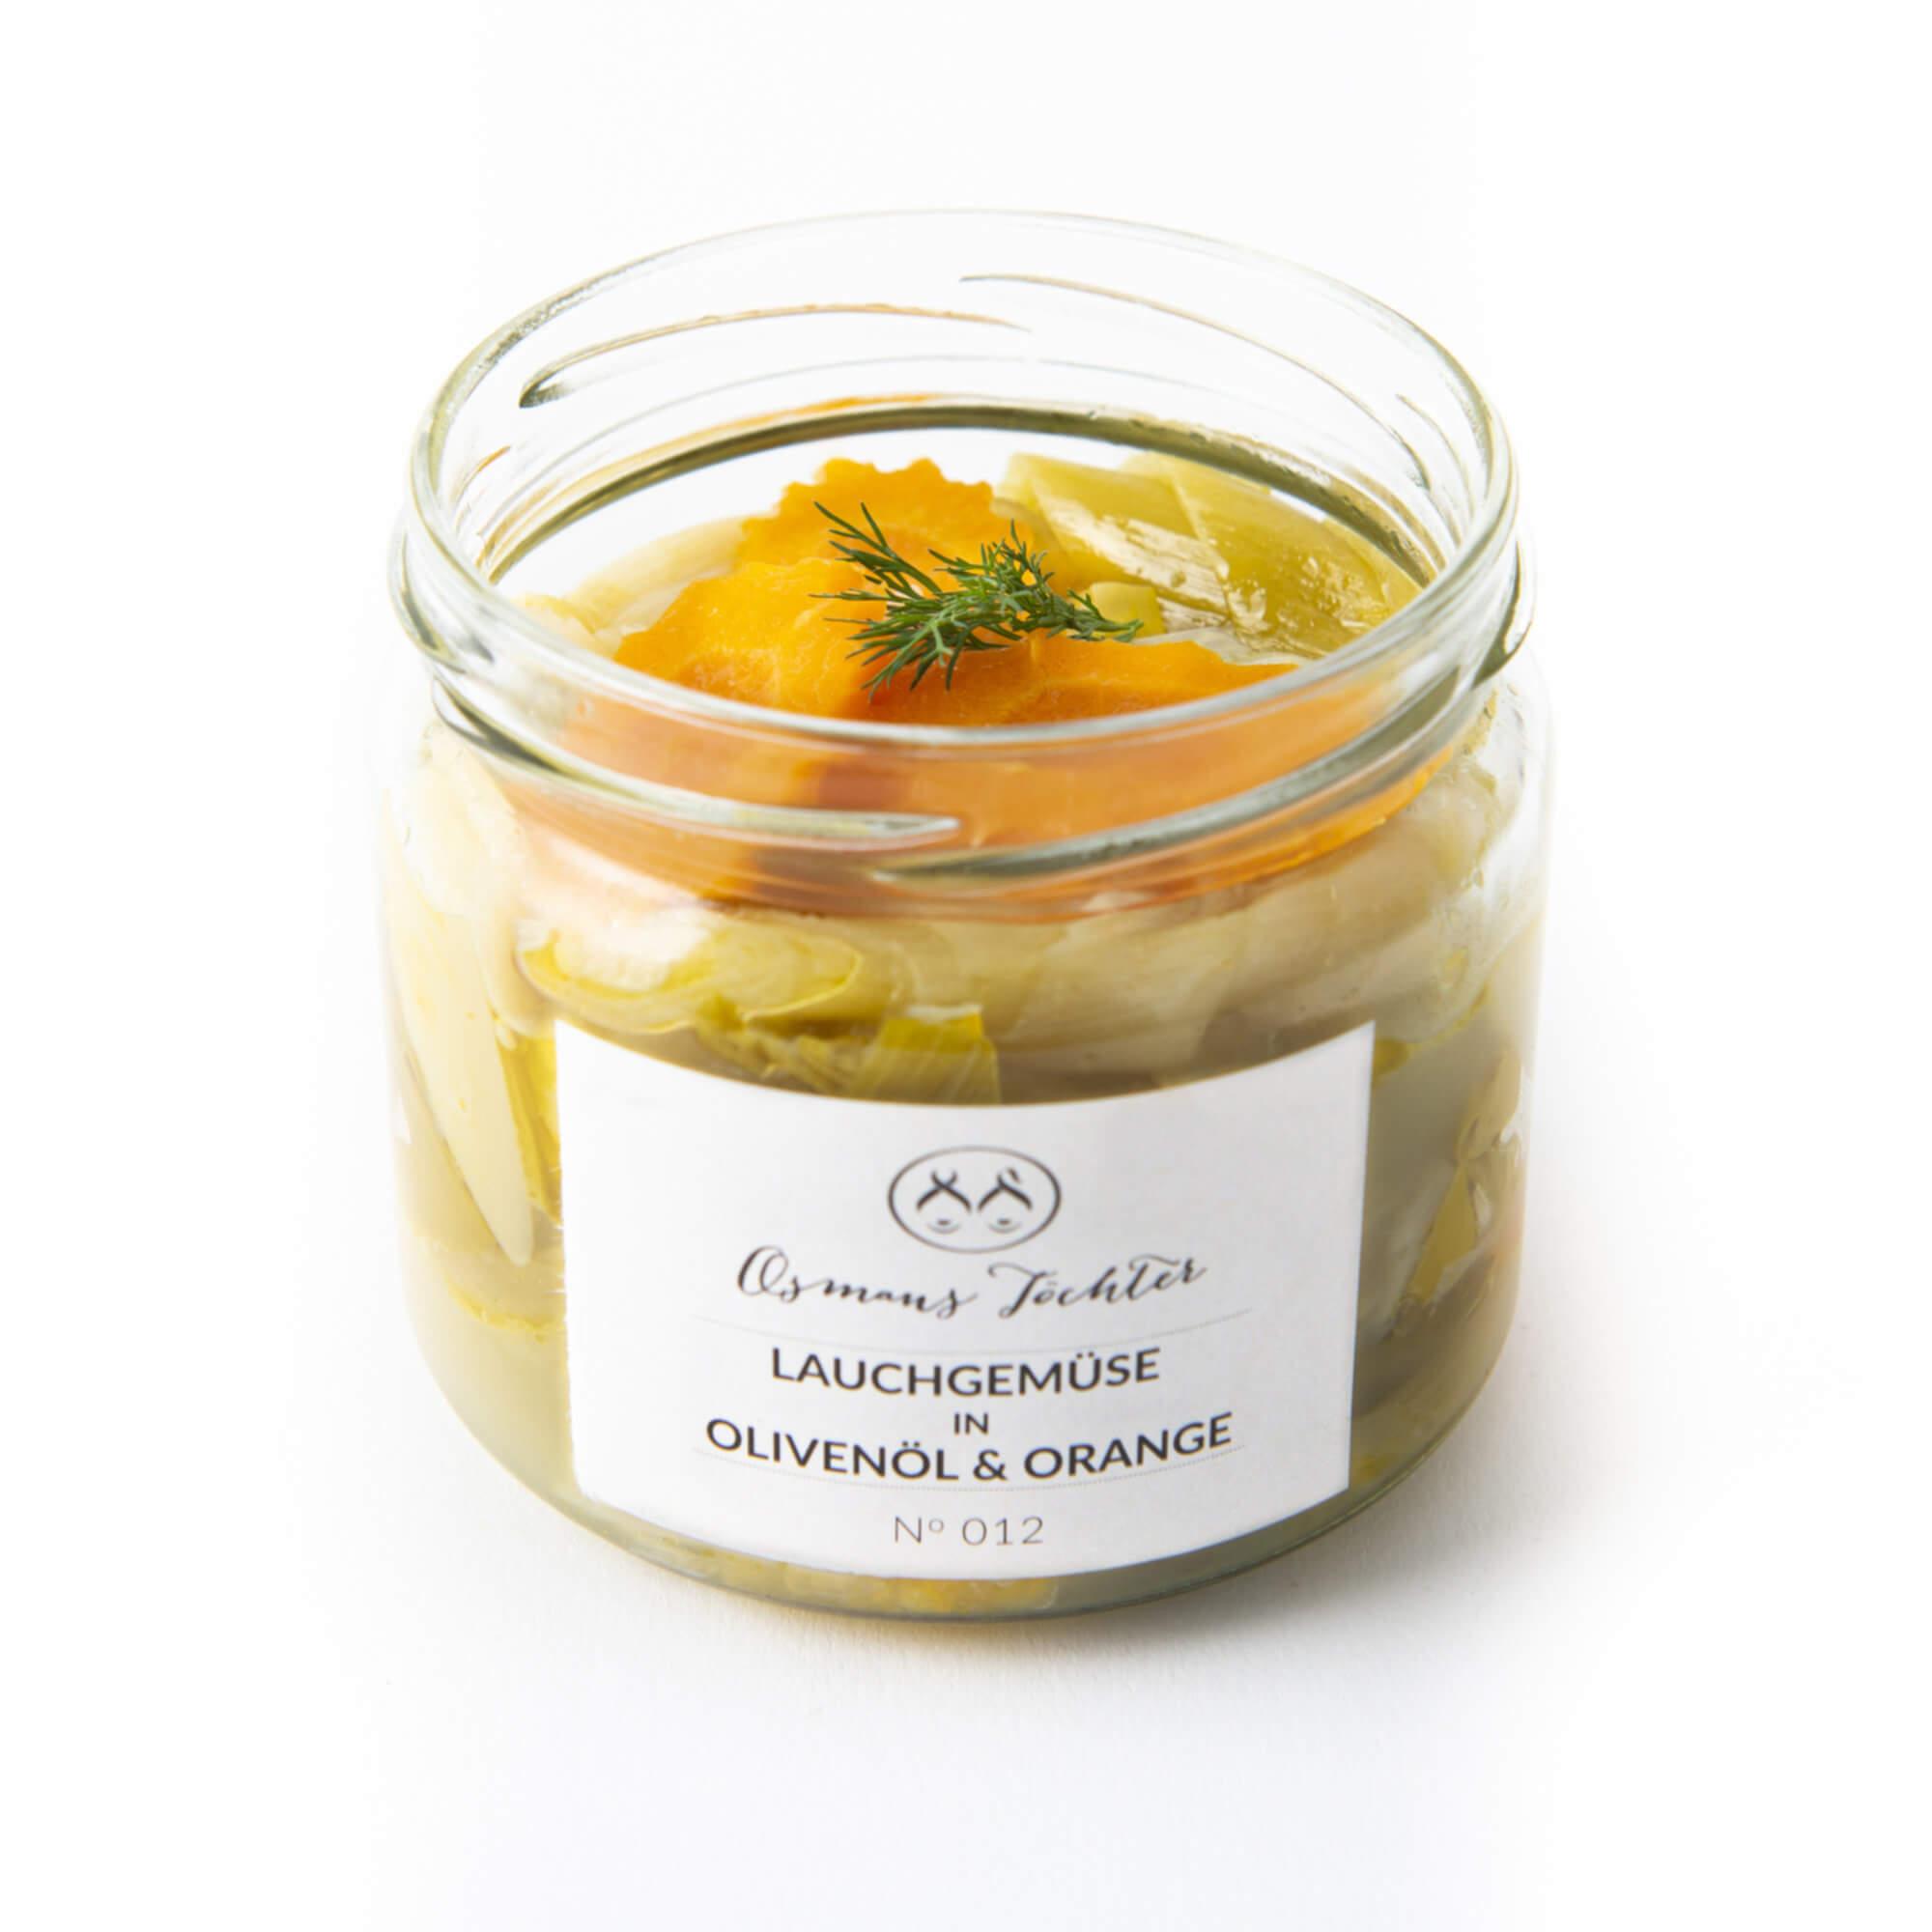 Lauchgemüse in Olivenöl und Orange im Glas geöffnet von vorne